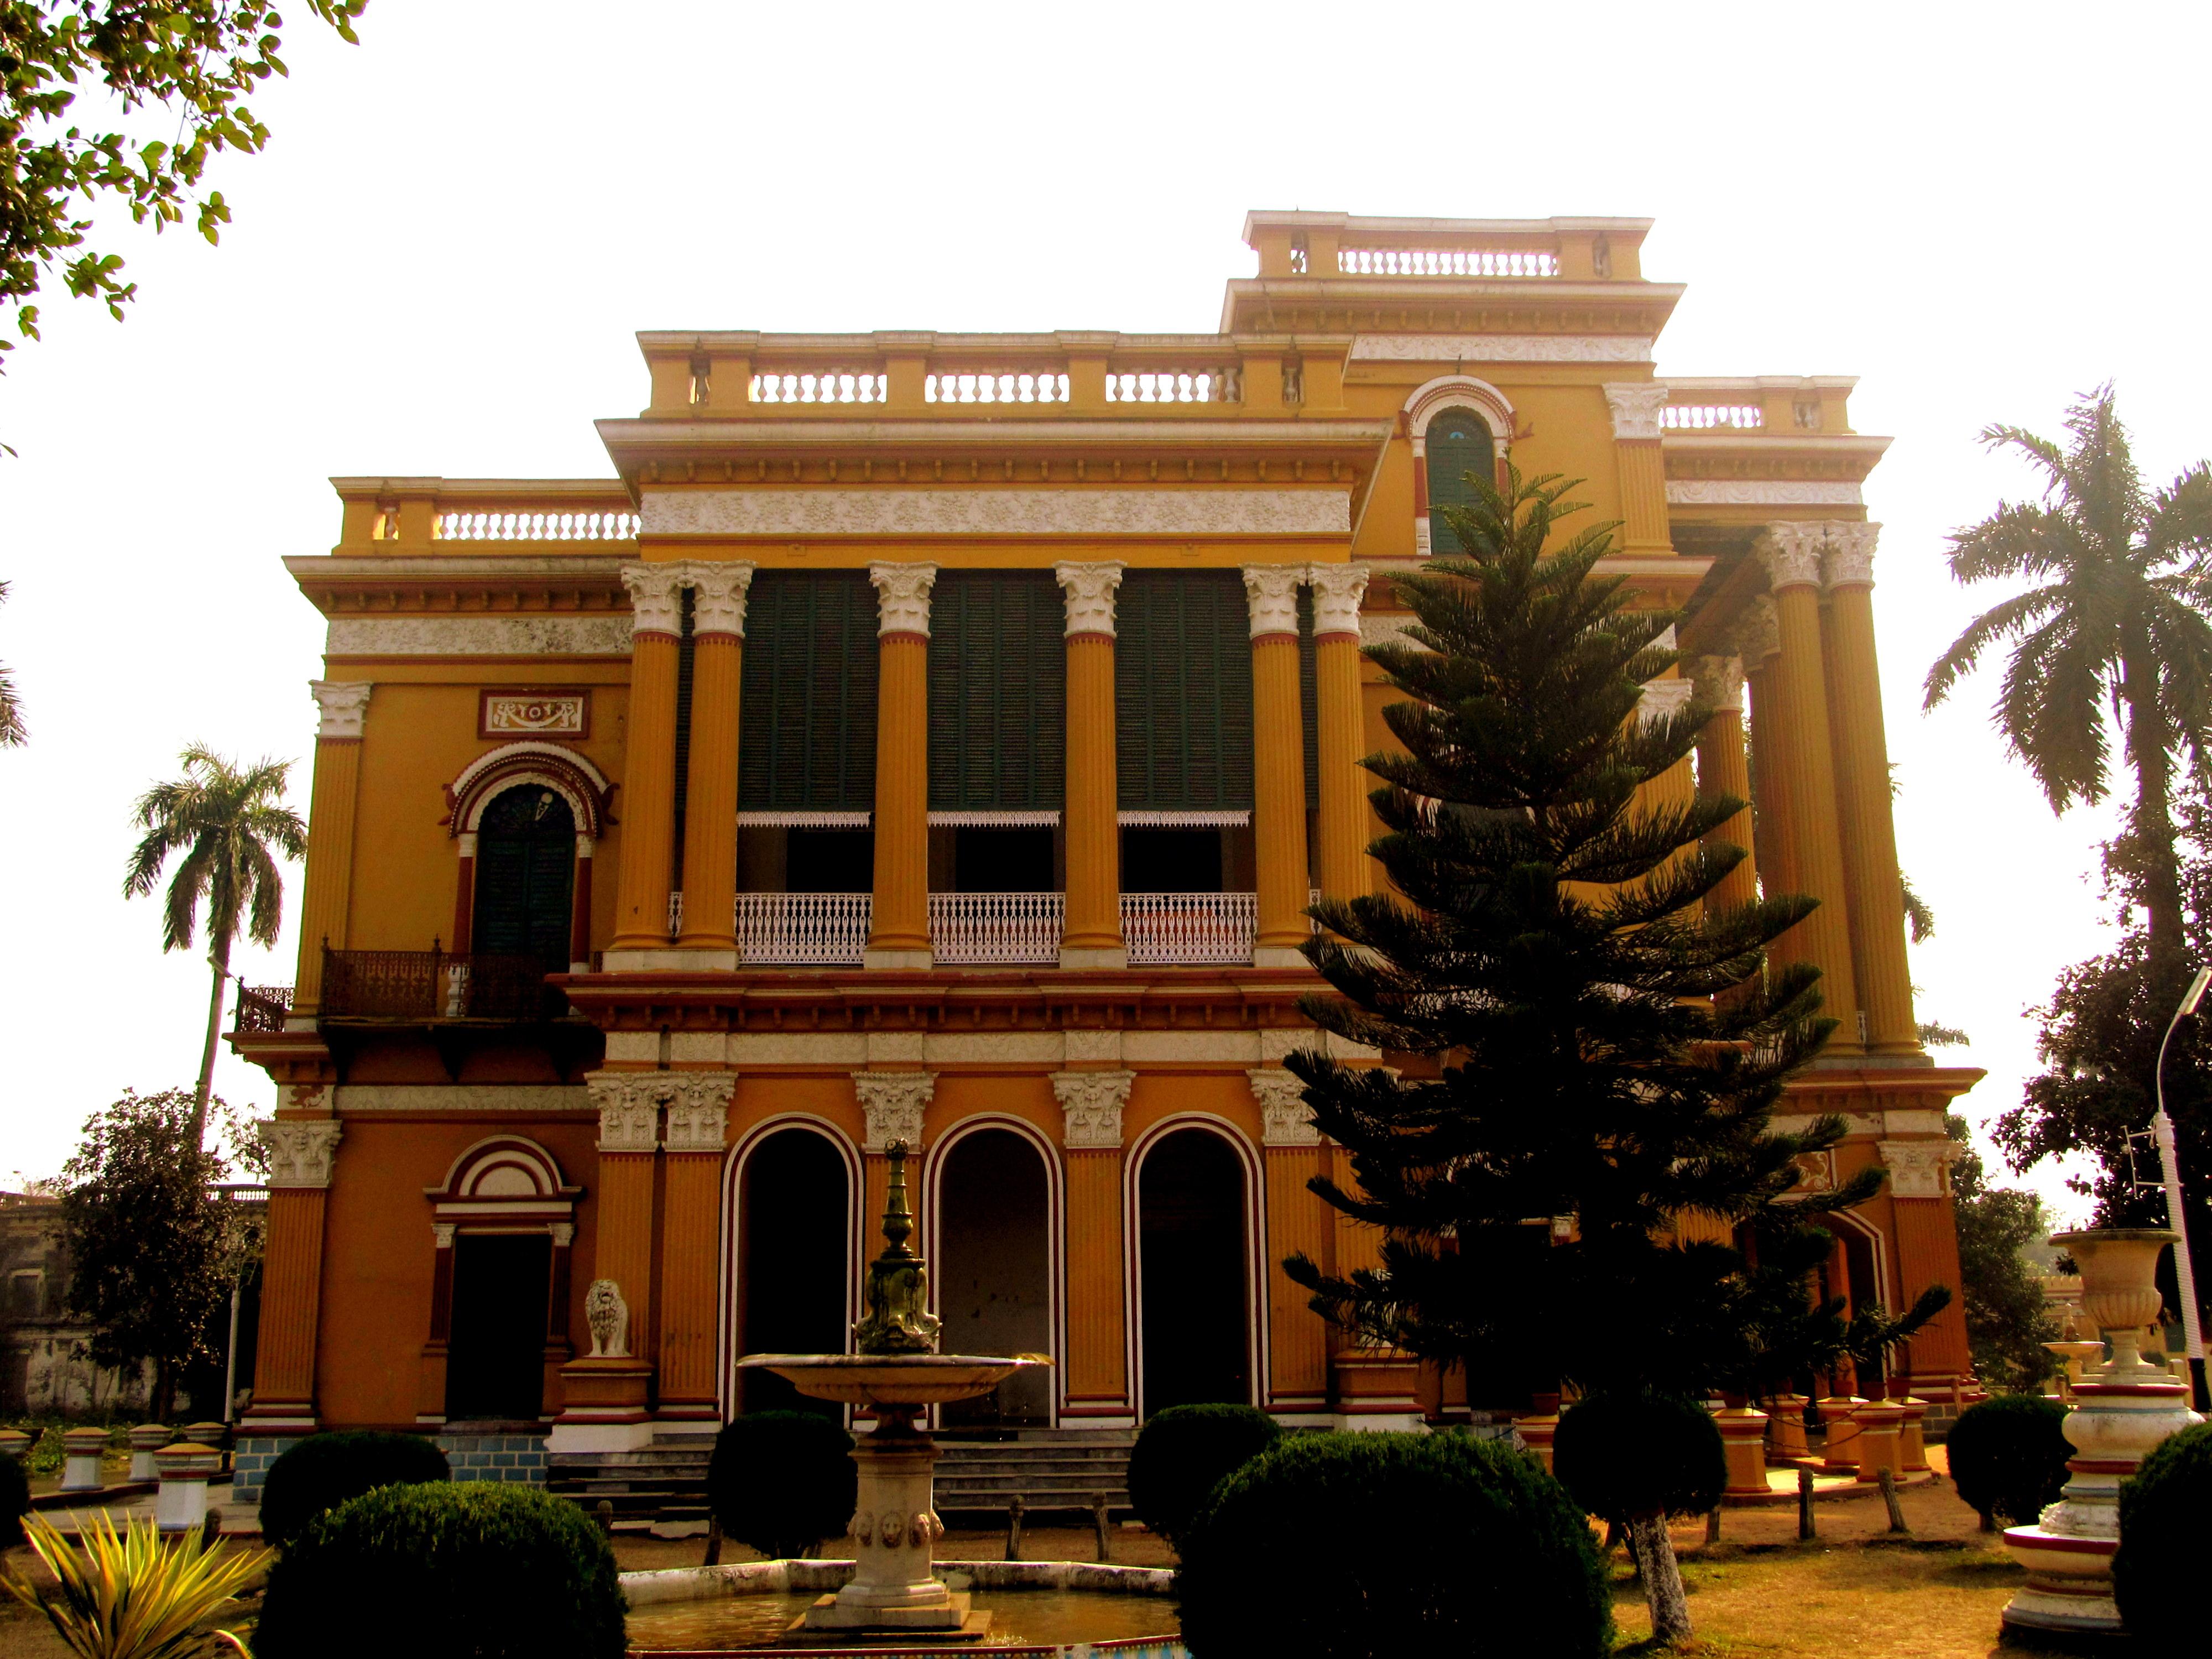 Jagat Seth's House - Wikipedia